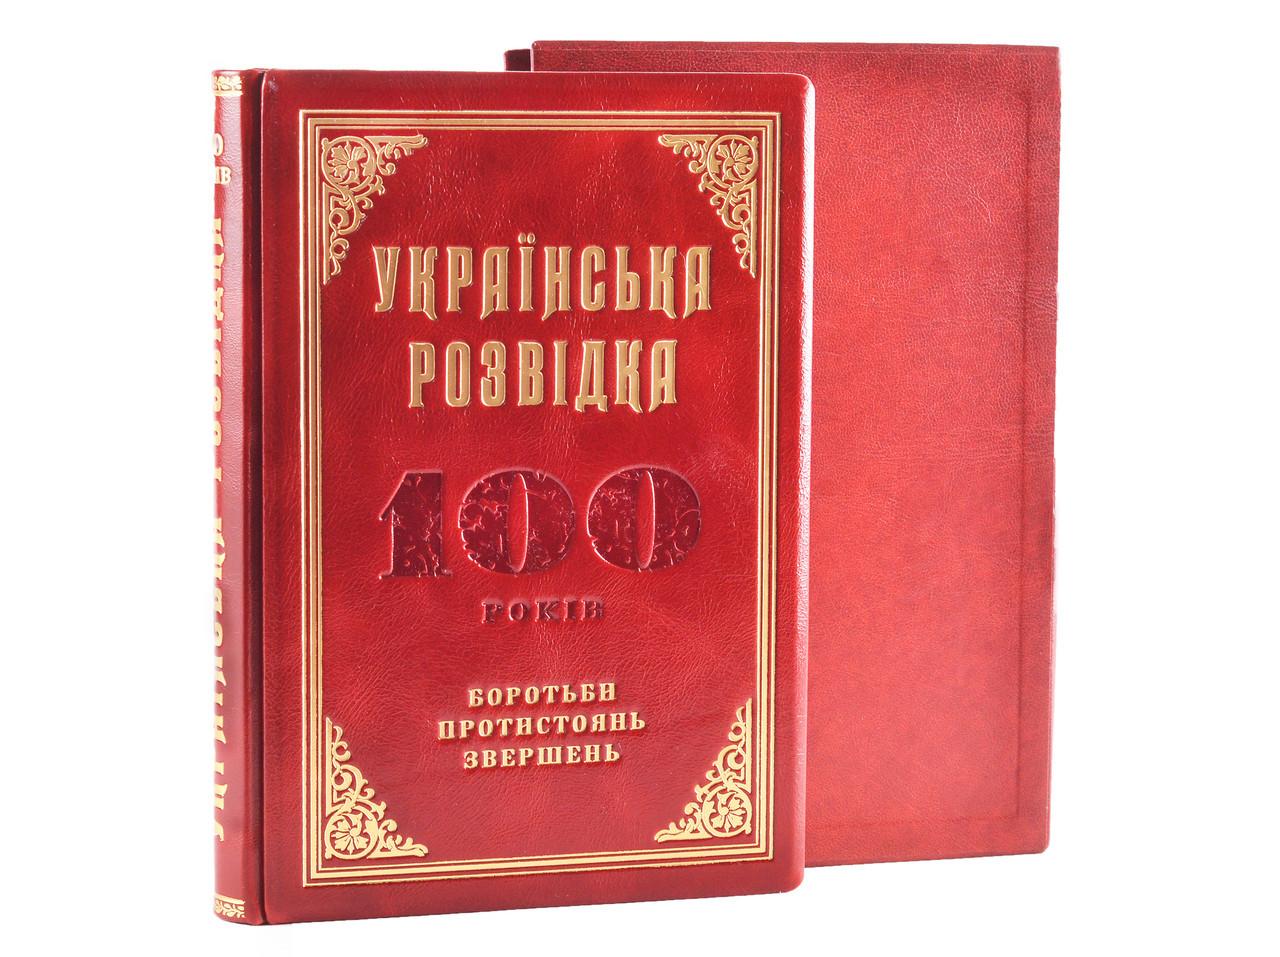 """Книга """"Українська розвідка 100 років боротьби, протистояння, звершень"""" в шкіряній палітурці і подарунковому футлярі"""